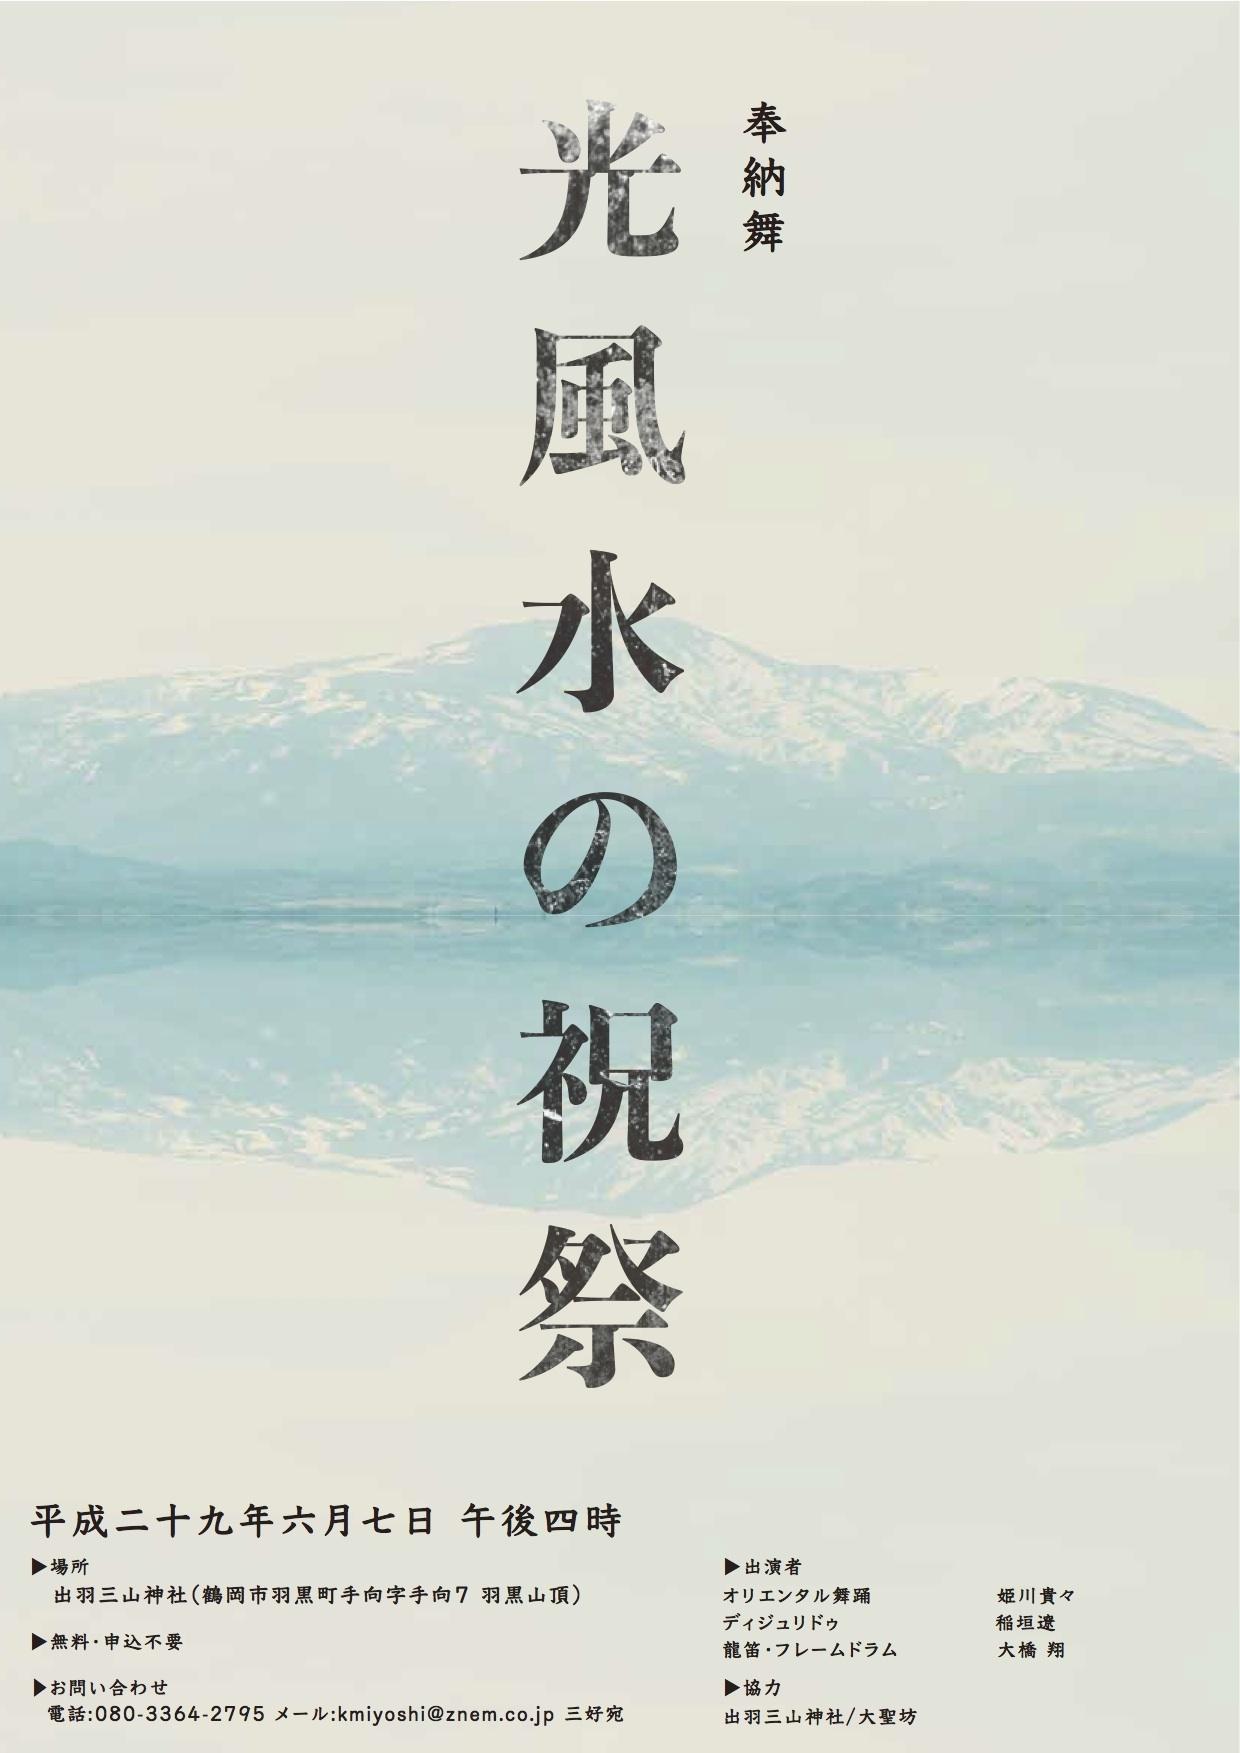 光・風・水 (ひふみ) の祝祭@出羽三山…